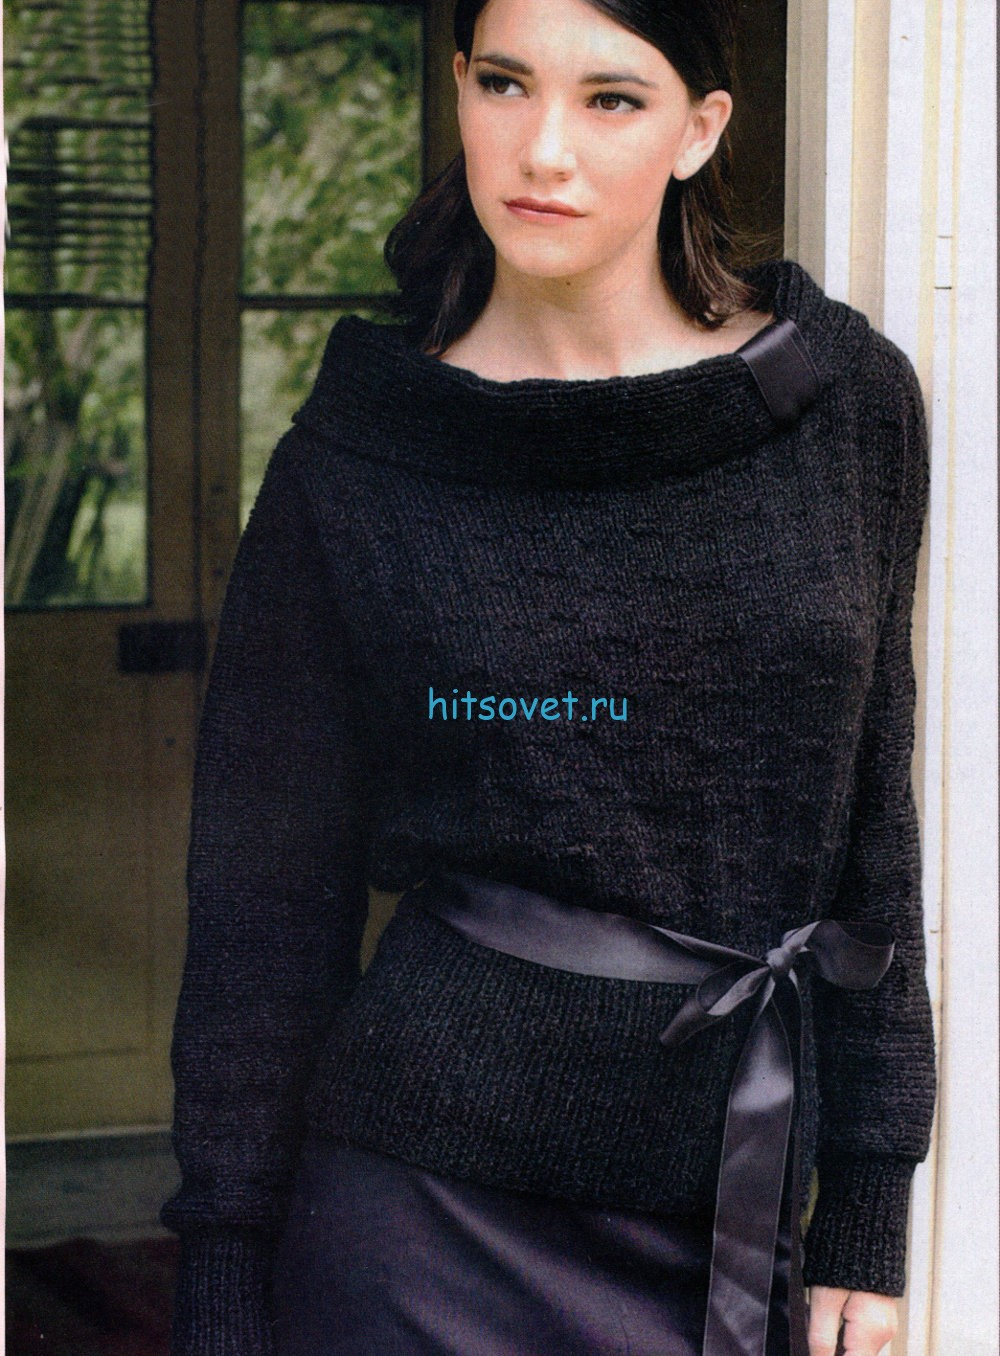 Вязание спицами пуловера летучая мышь